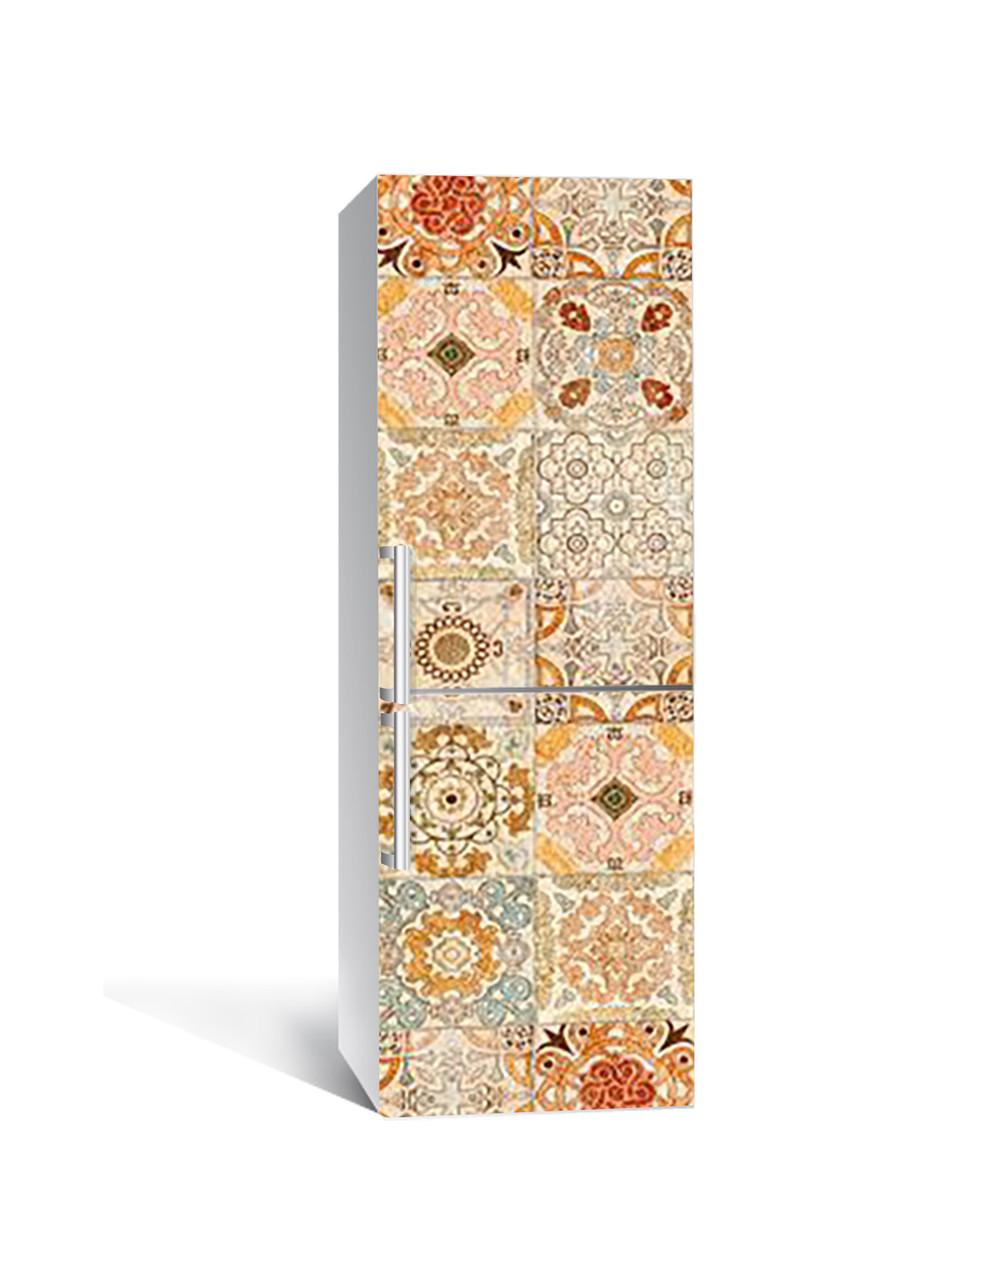 Вінілова 3Д наклейка на холодильник Теплий Орнамент самоклеюча плівка ПВХ візерунки Абстракція Бежевий